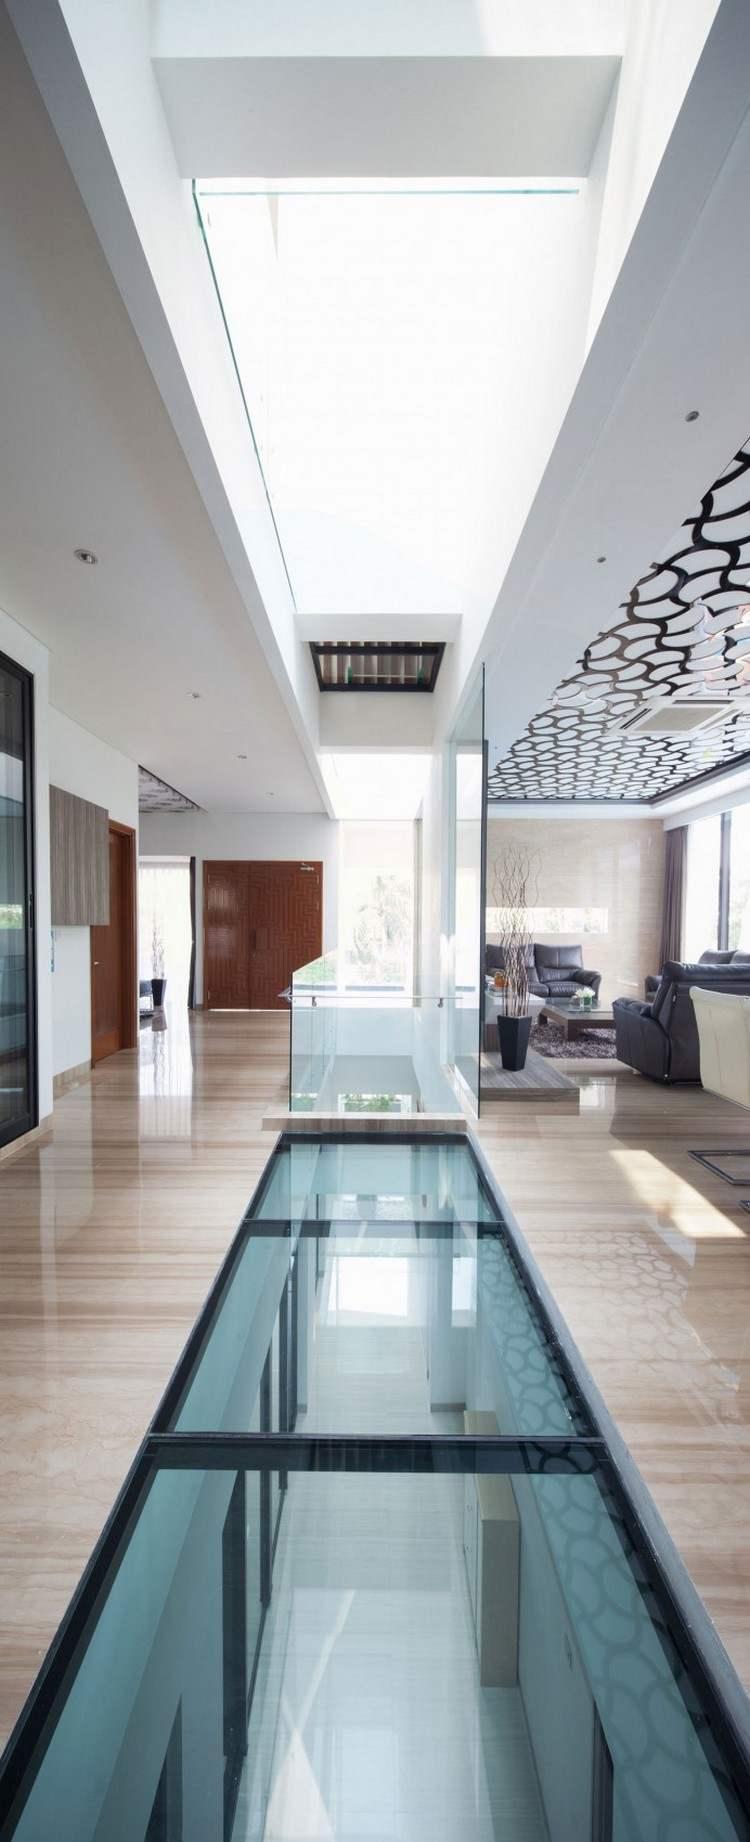 идея современного дизайна потолка фото стеклянный пол и потолок